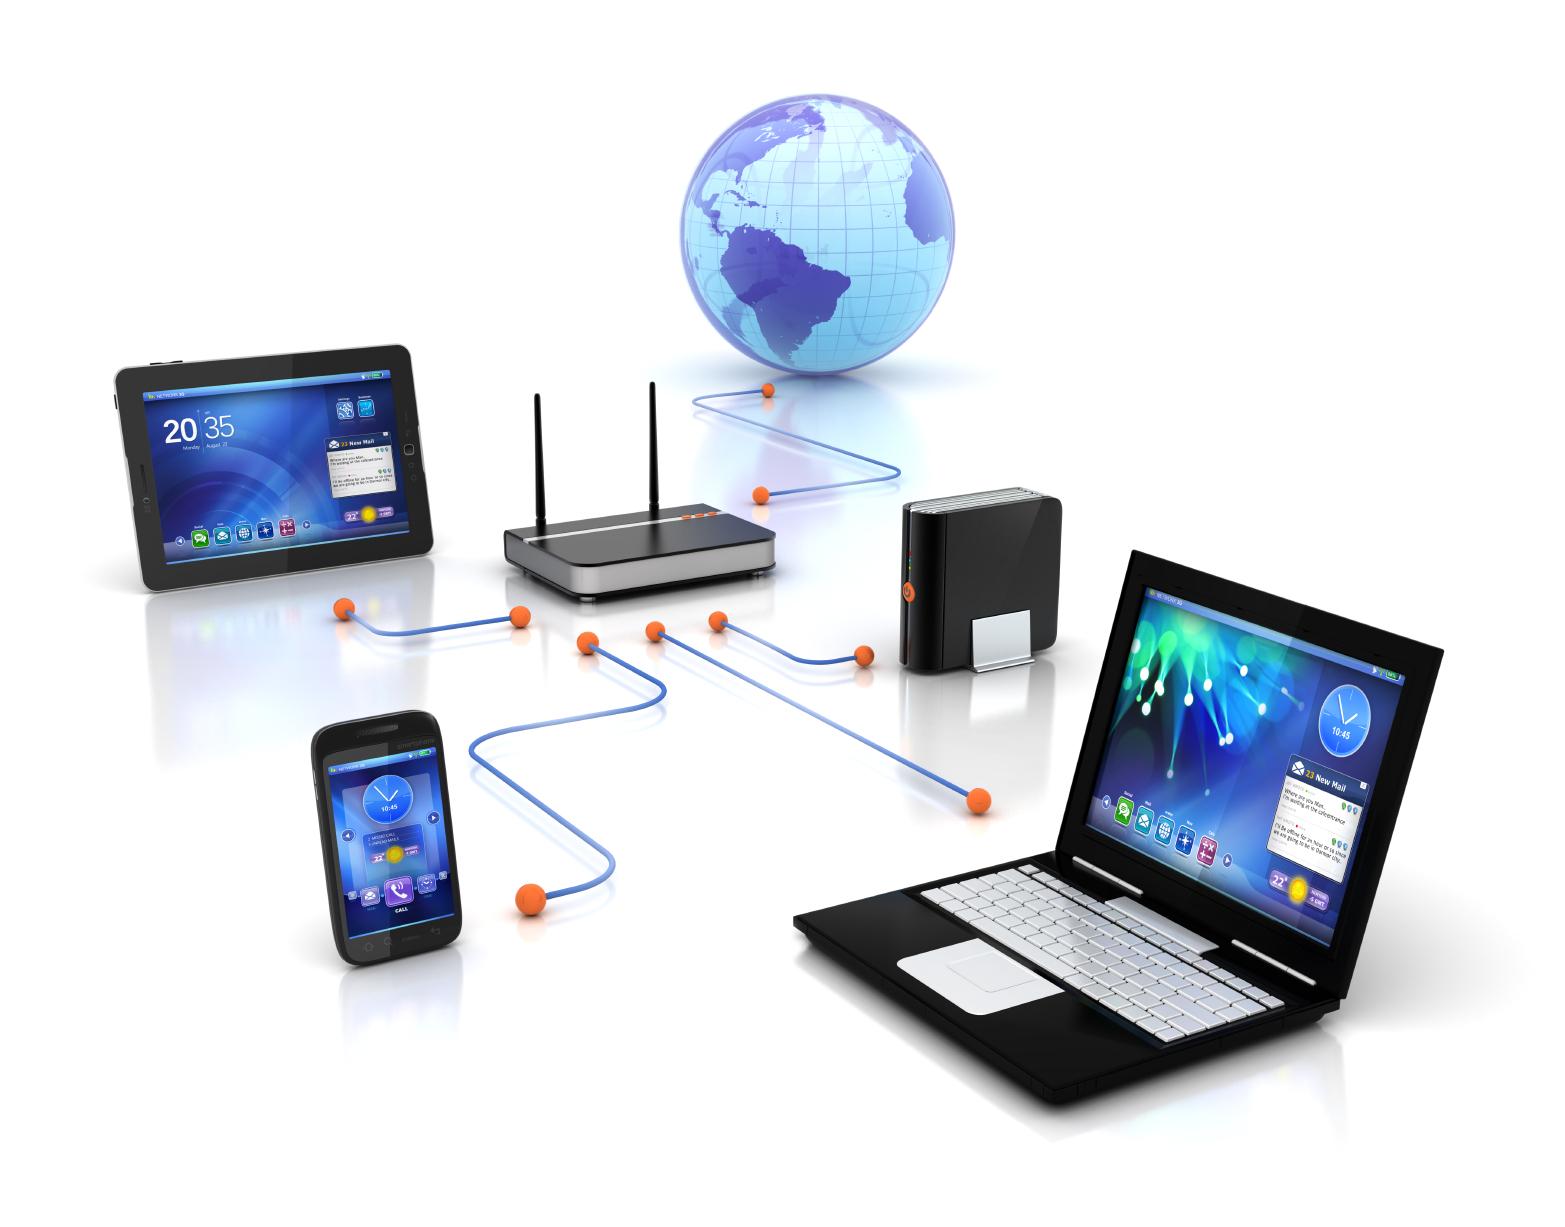 Servicio de instalación e infraestructura de redes de comunicación a empresas y profesionales